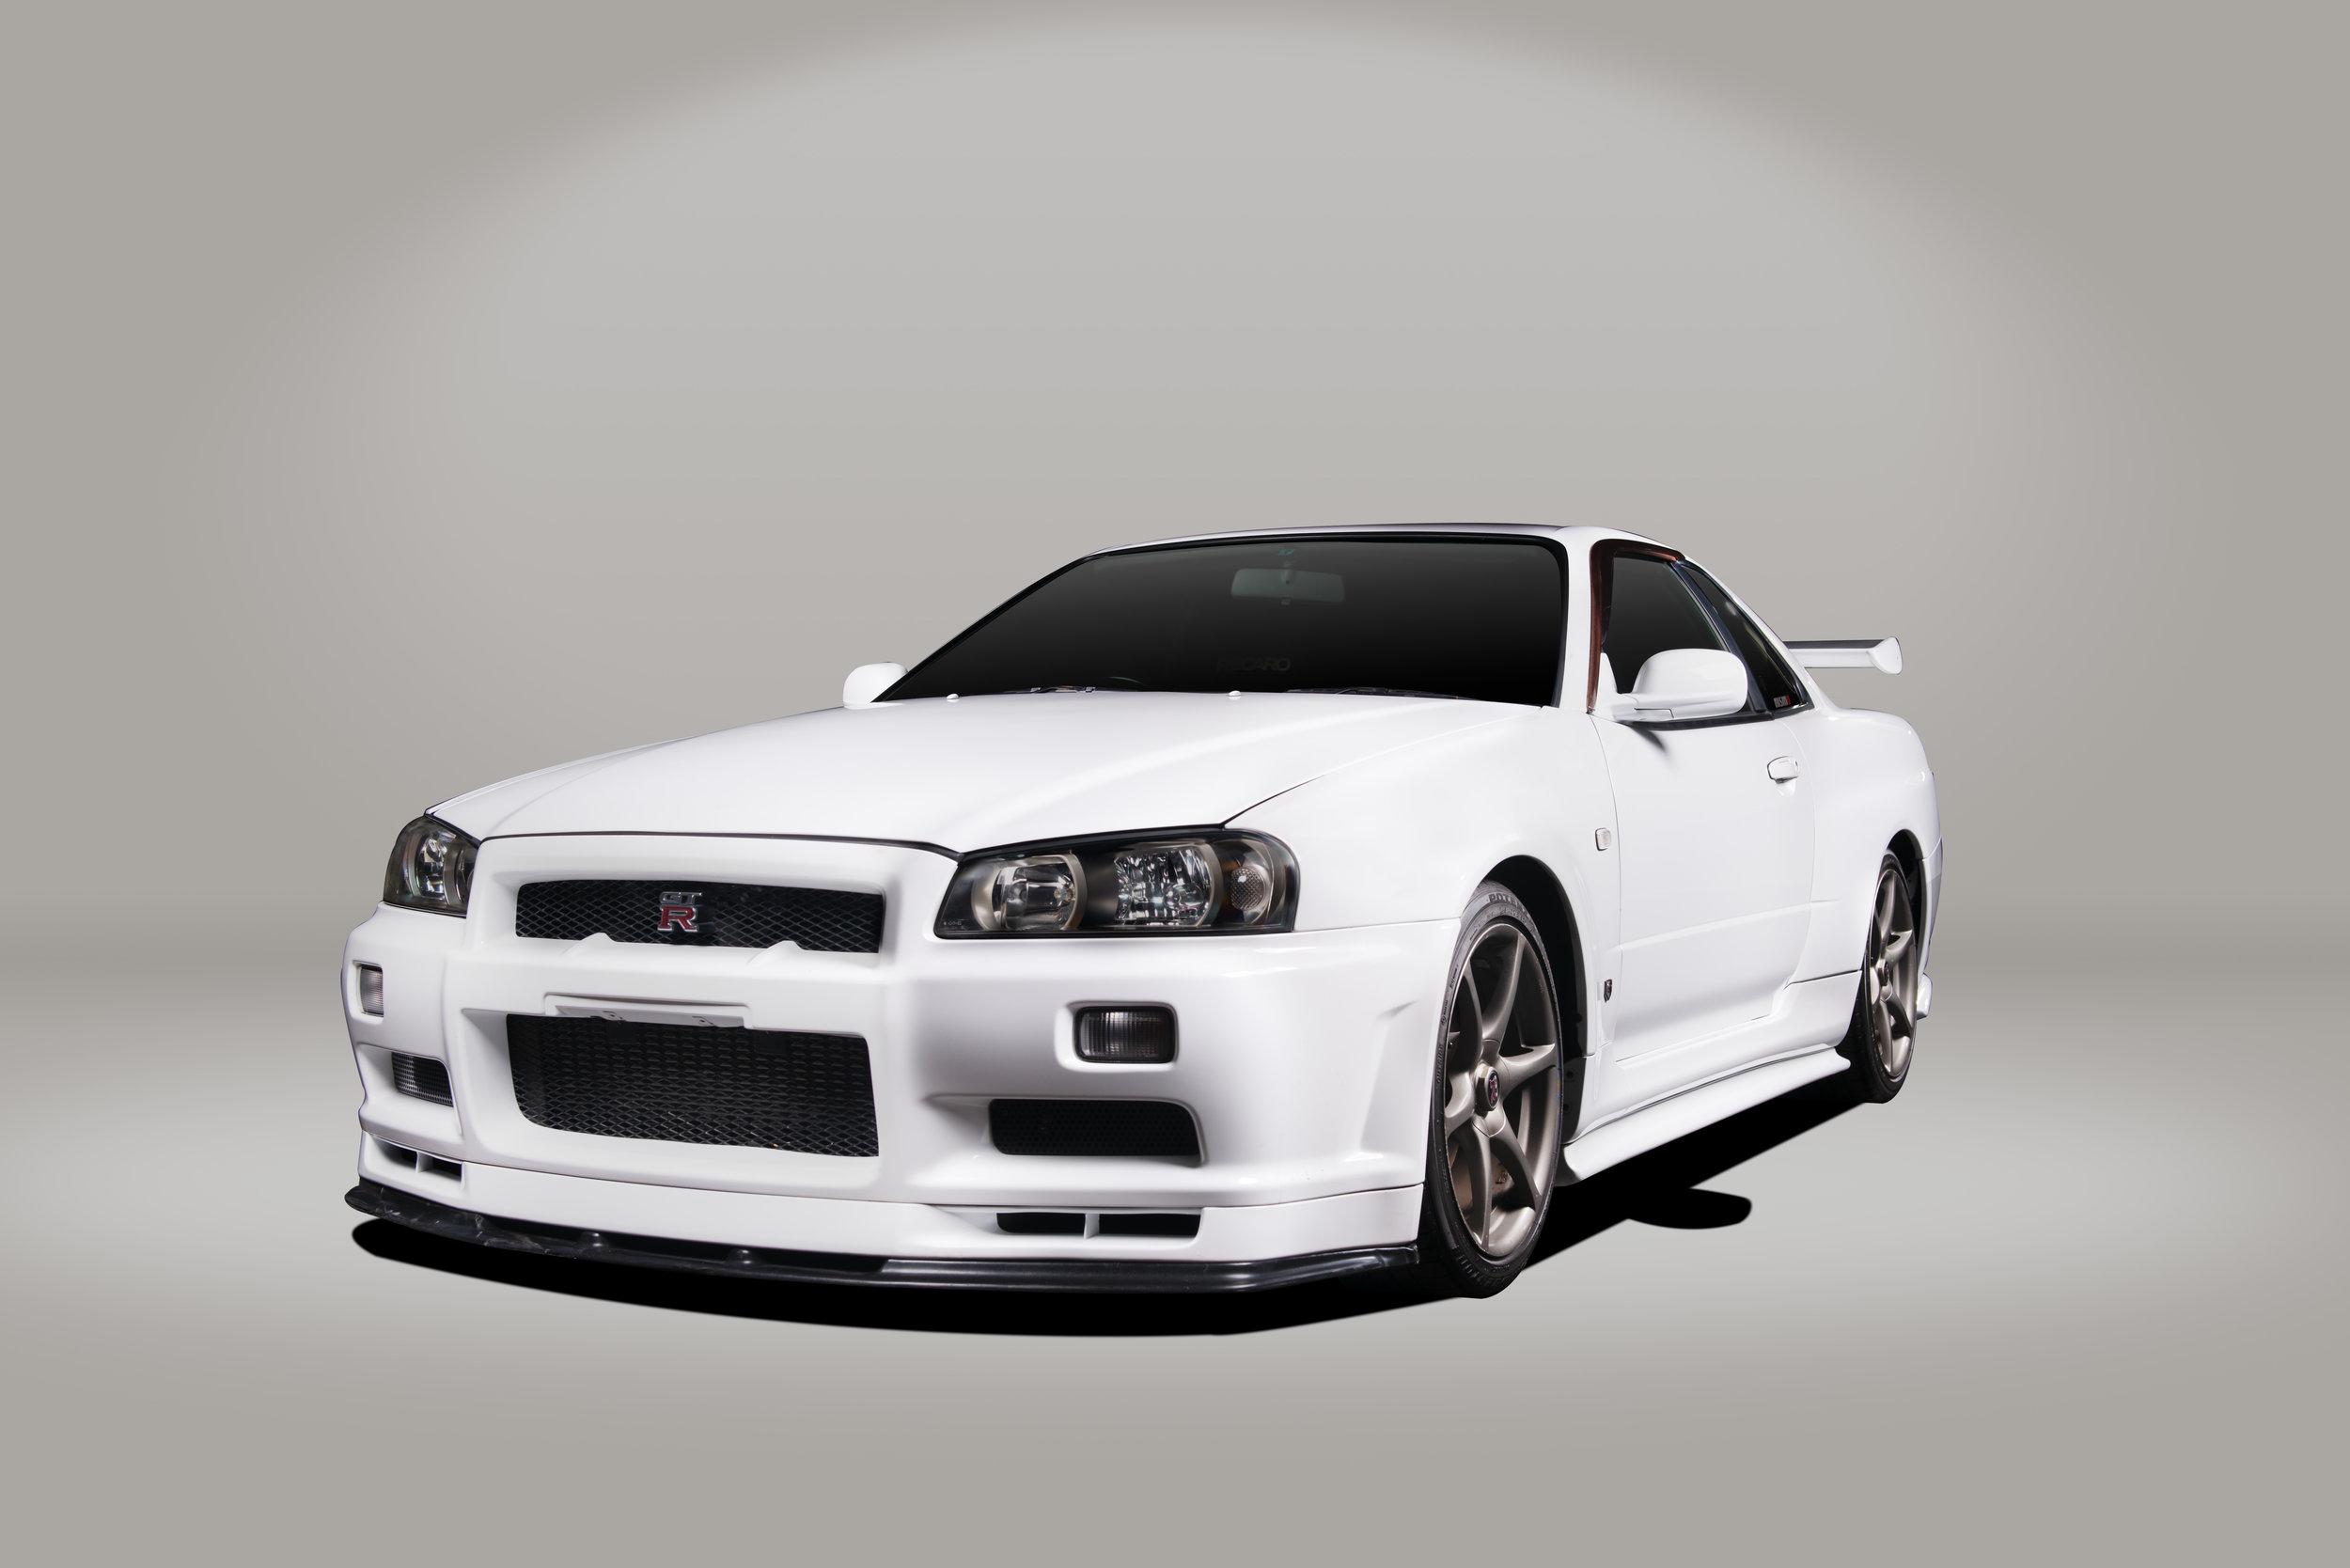 2001 R34 GTR